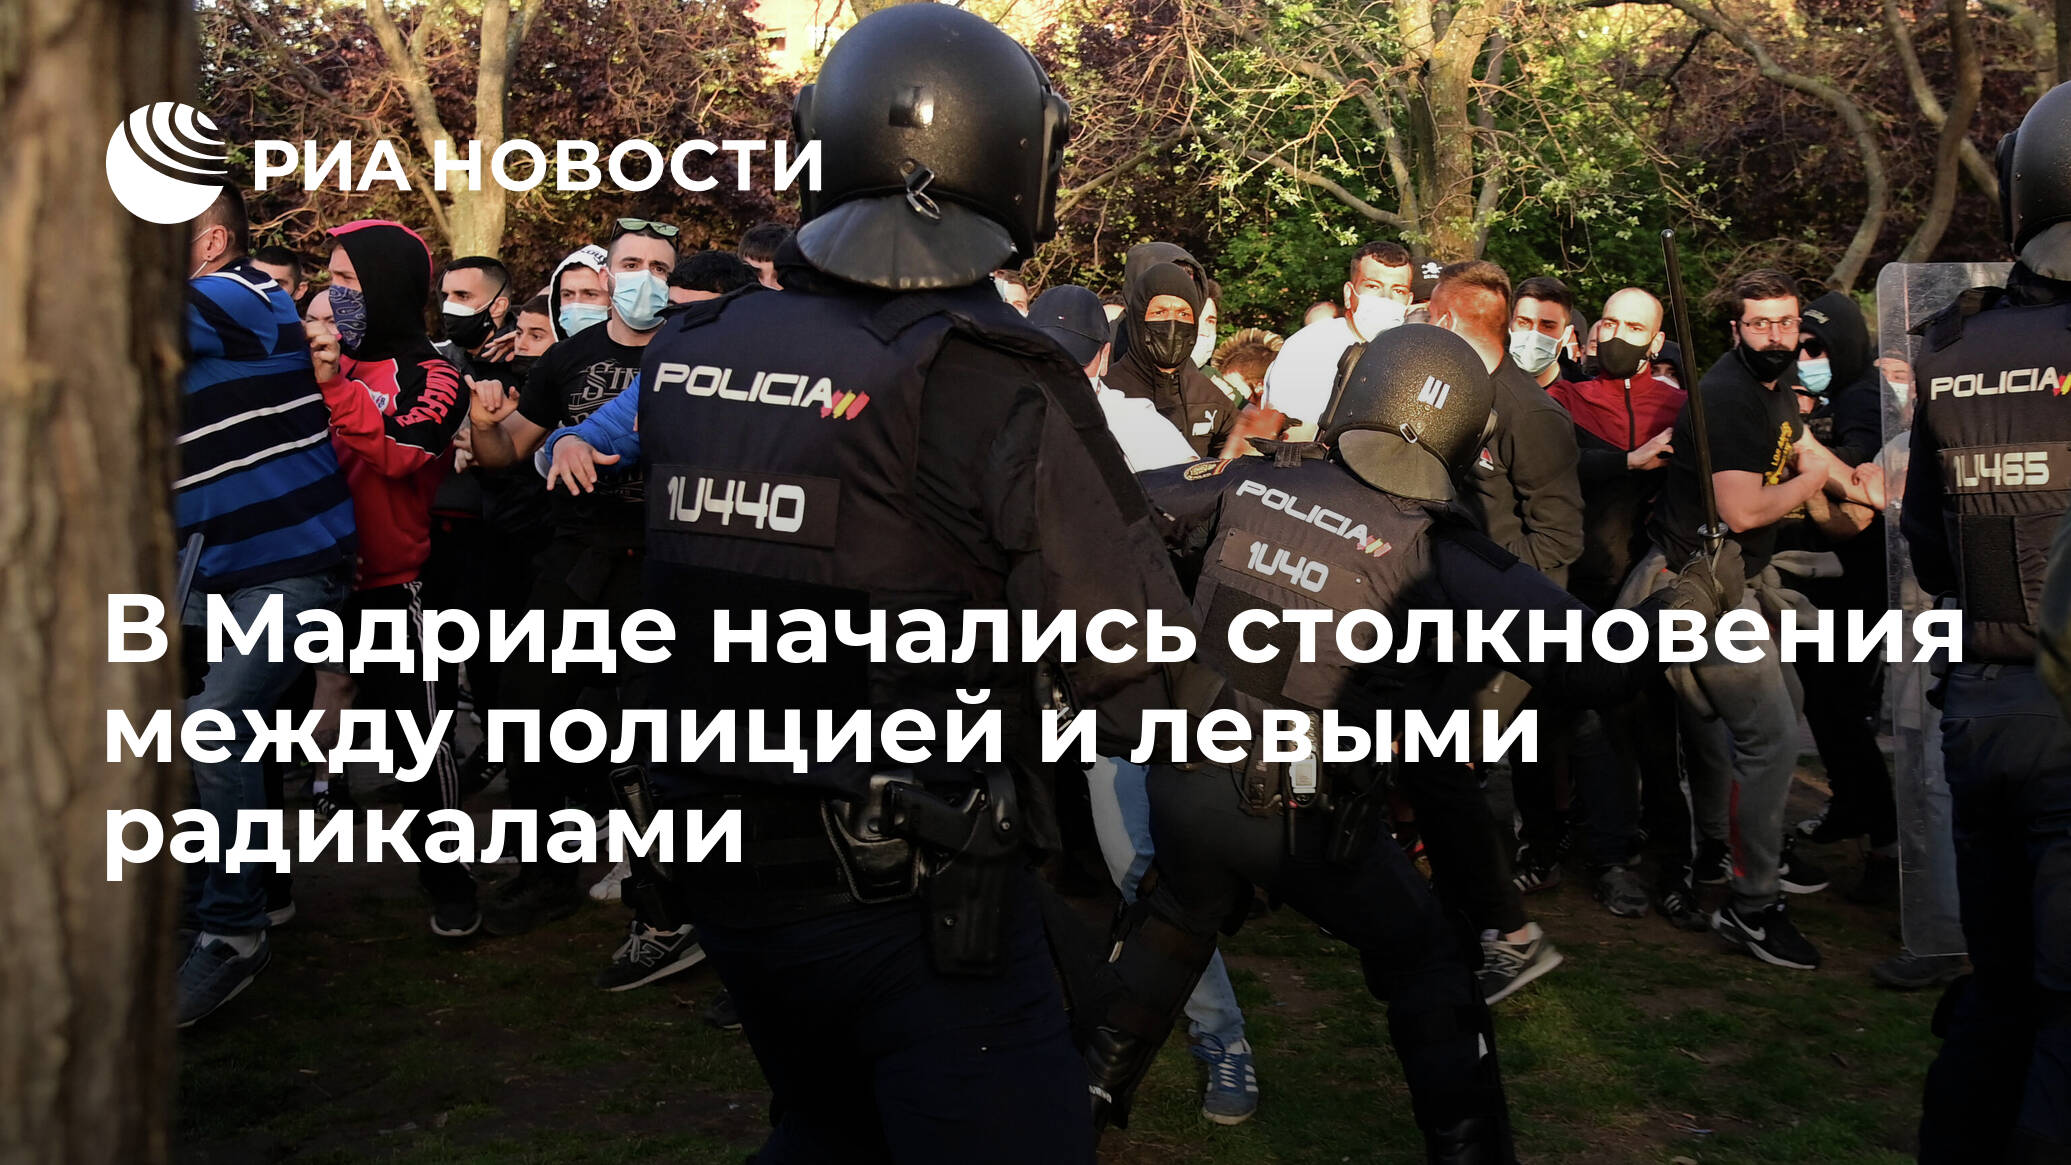 В Мадриде начались столкновения между полицией и левыми радикалами